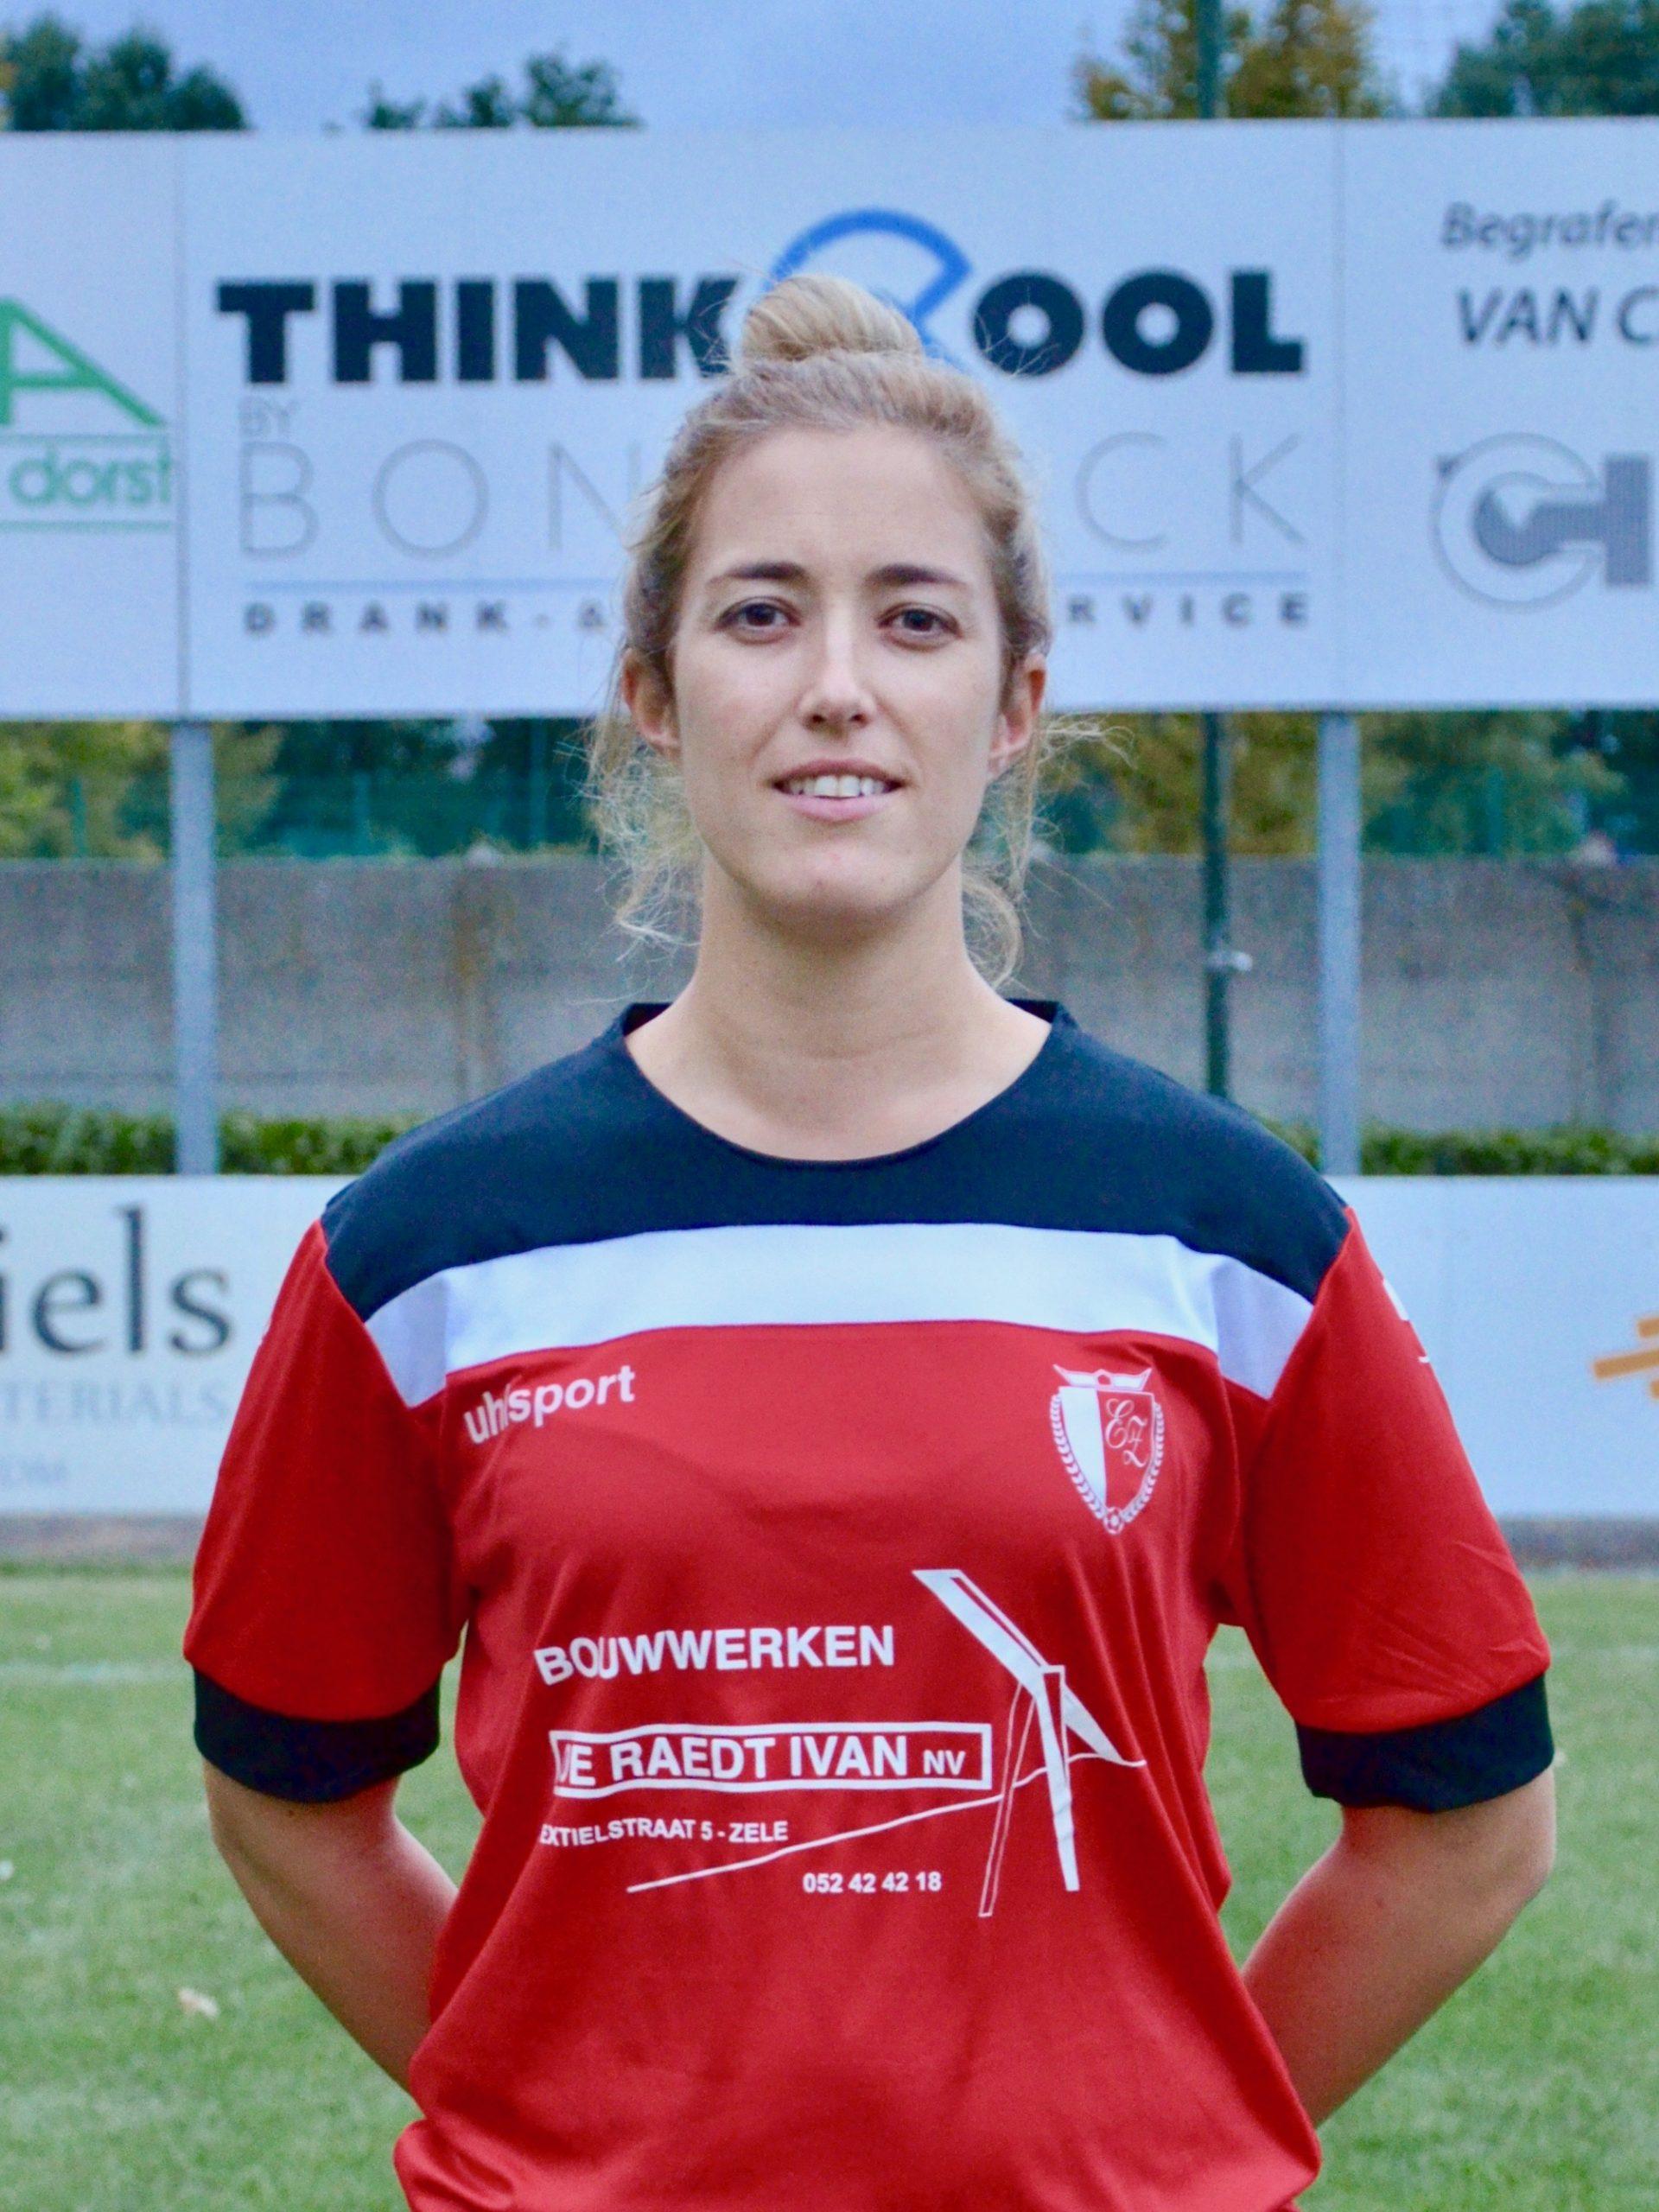 Callaert Sieglinde